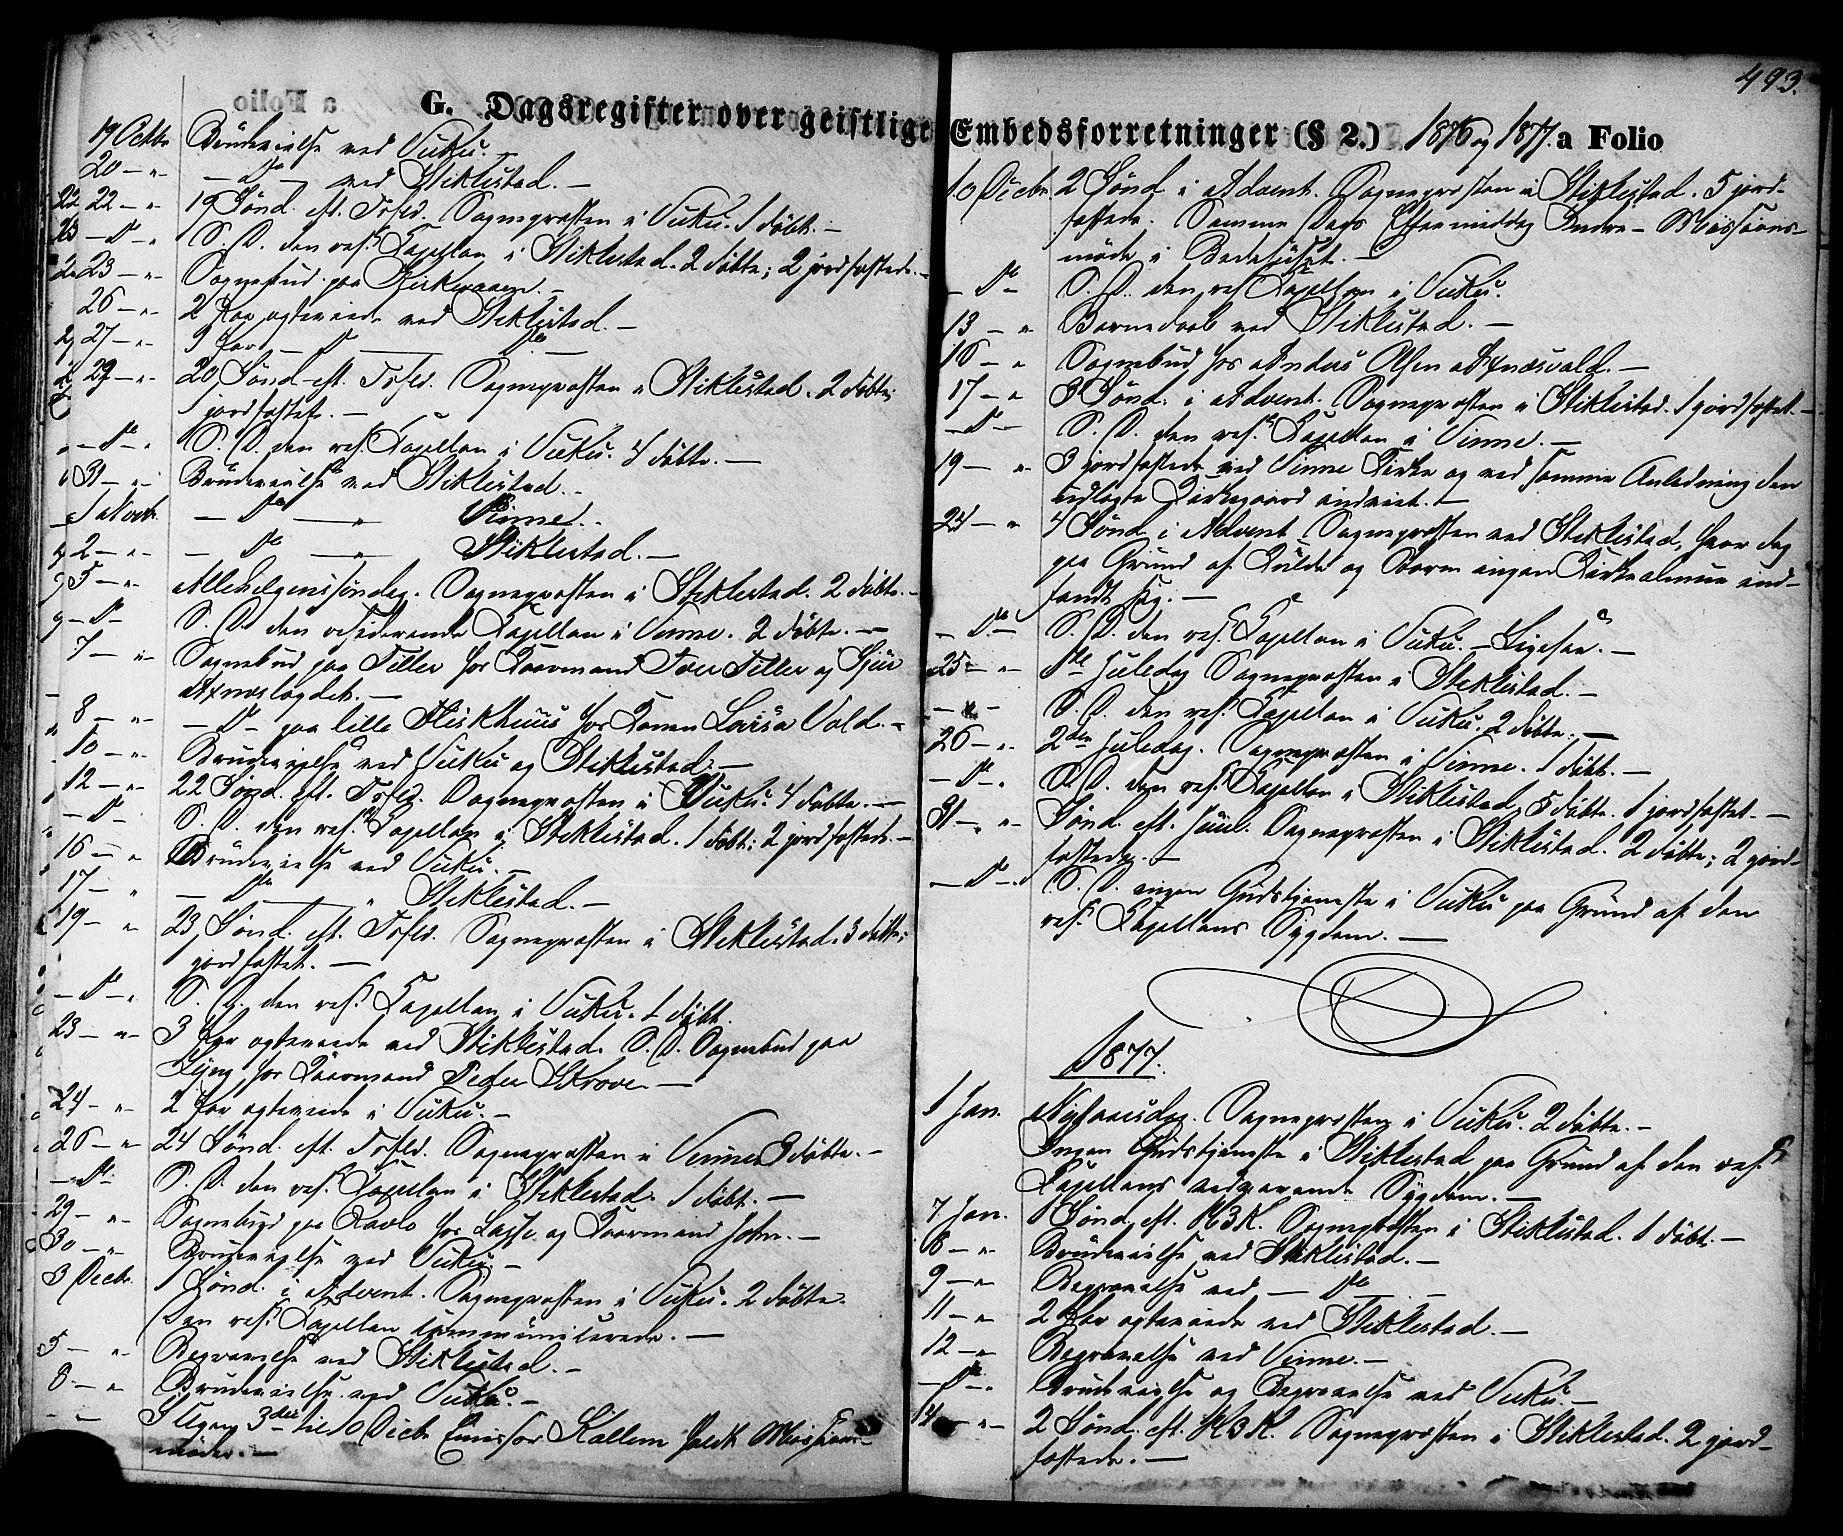 SAT, Ministerialprotokoller, klokkerbøker og fødselsregistre - Nord-Trøndelag, 723/L0242: Ministerialbok nr. 723A11, 1870-1880, s. 493